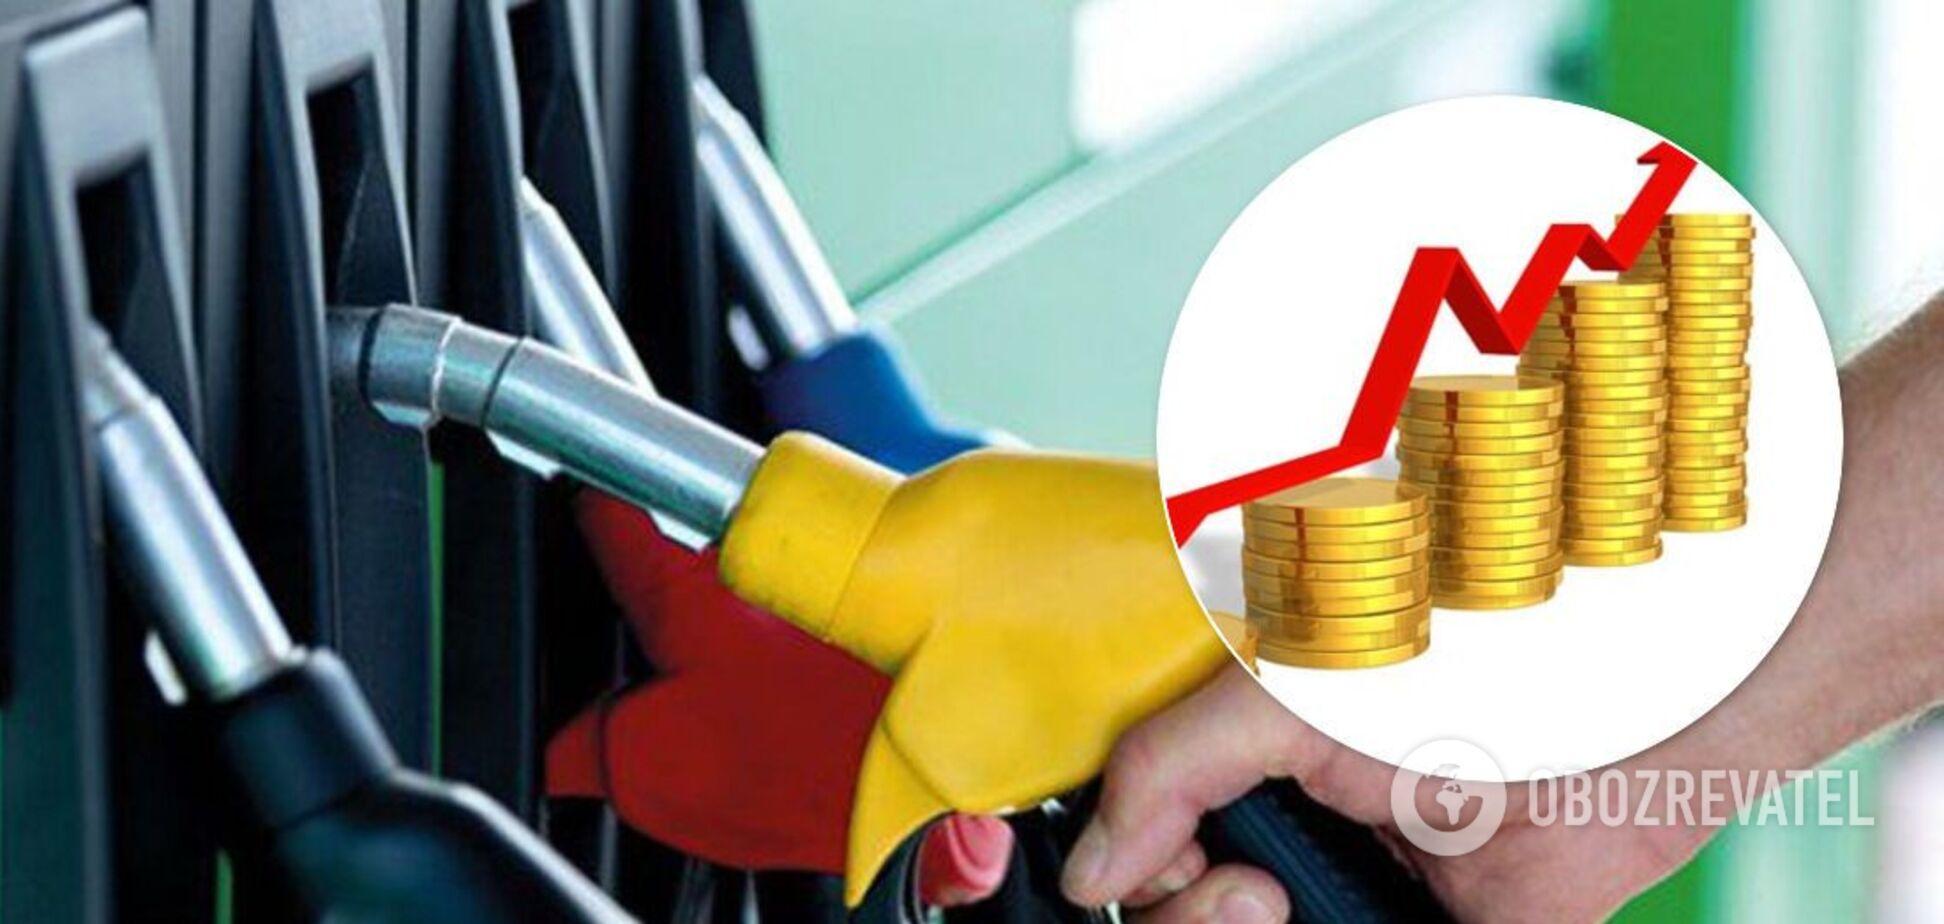 Зростання цін на бензин: Кабмін почав перевірки